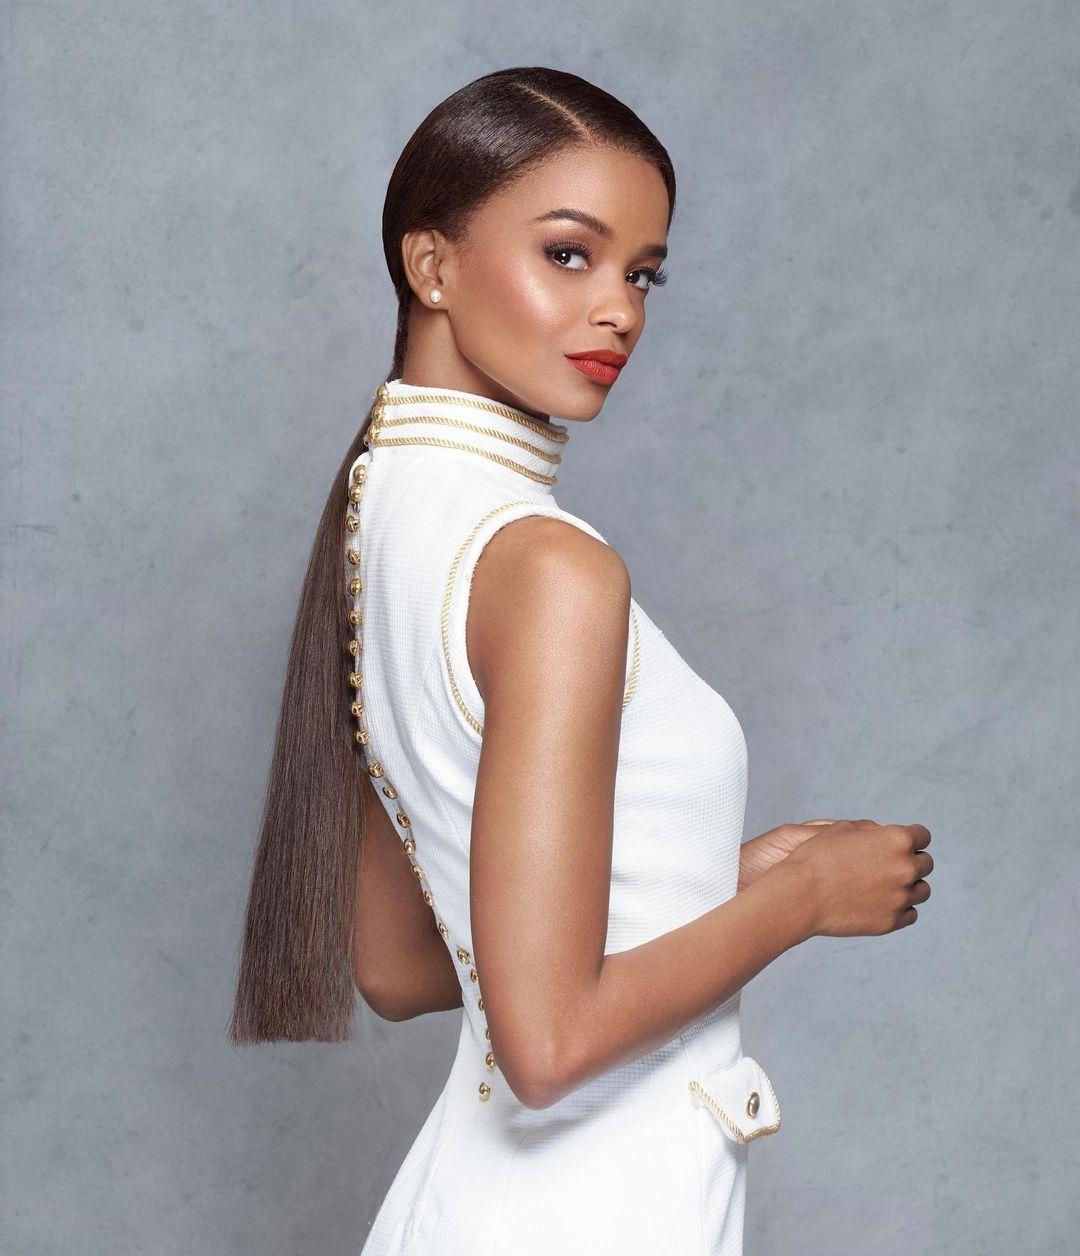 carolina londono, top 16 de miss colombia universo 2020. - Página 2 Carolo24